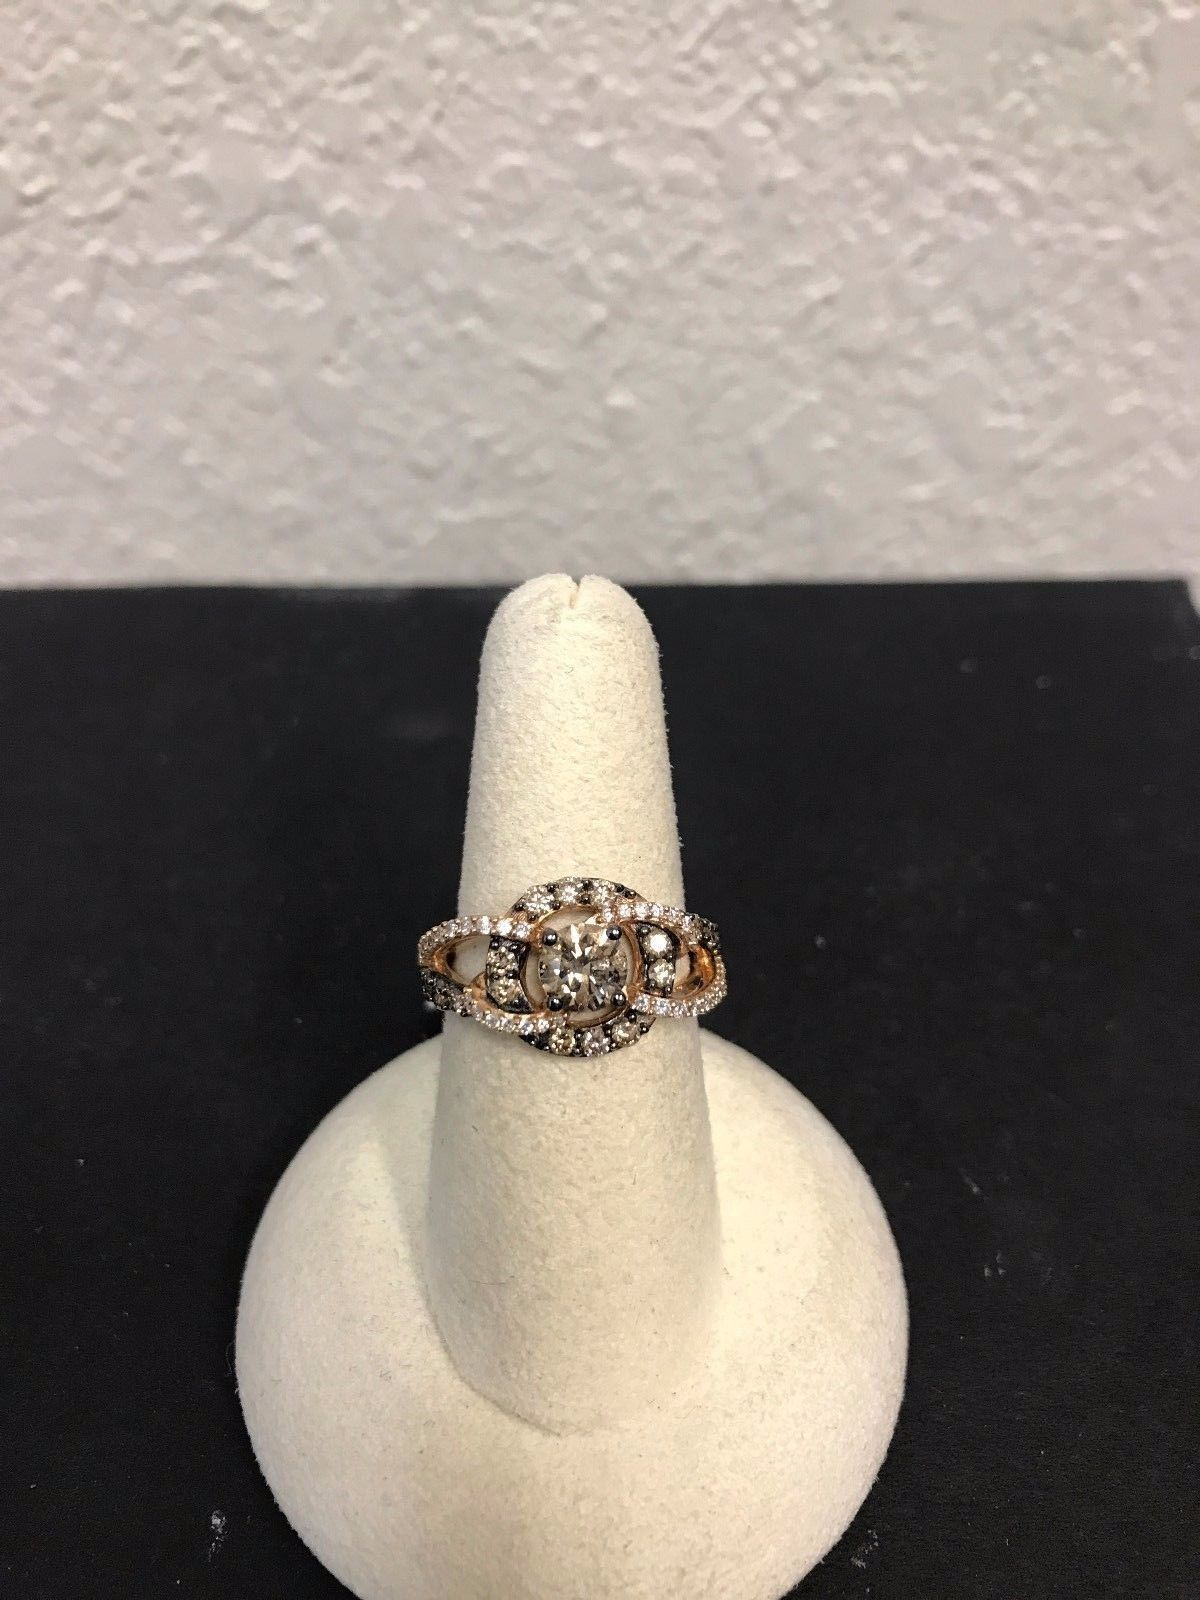 New Le Vian  YPVS 178 14kt  Rose Gold  Diamond Ring